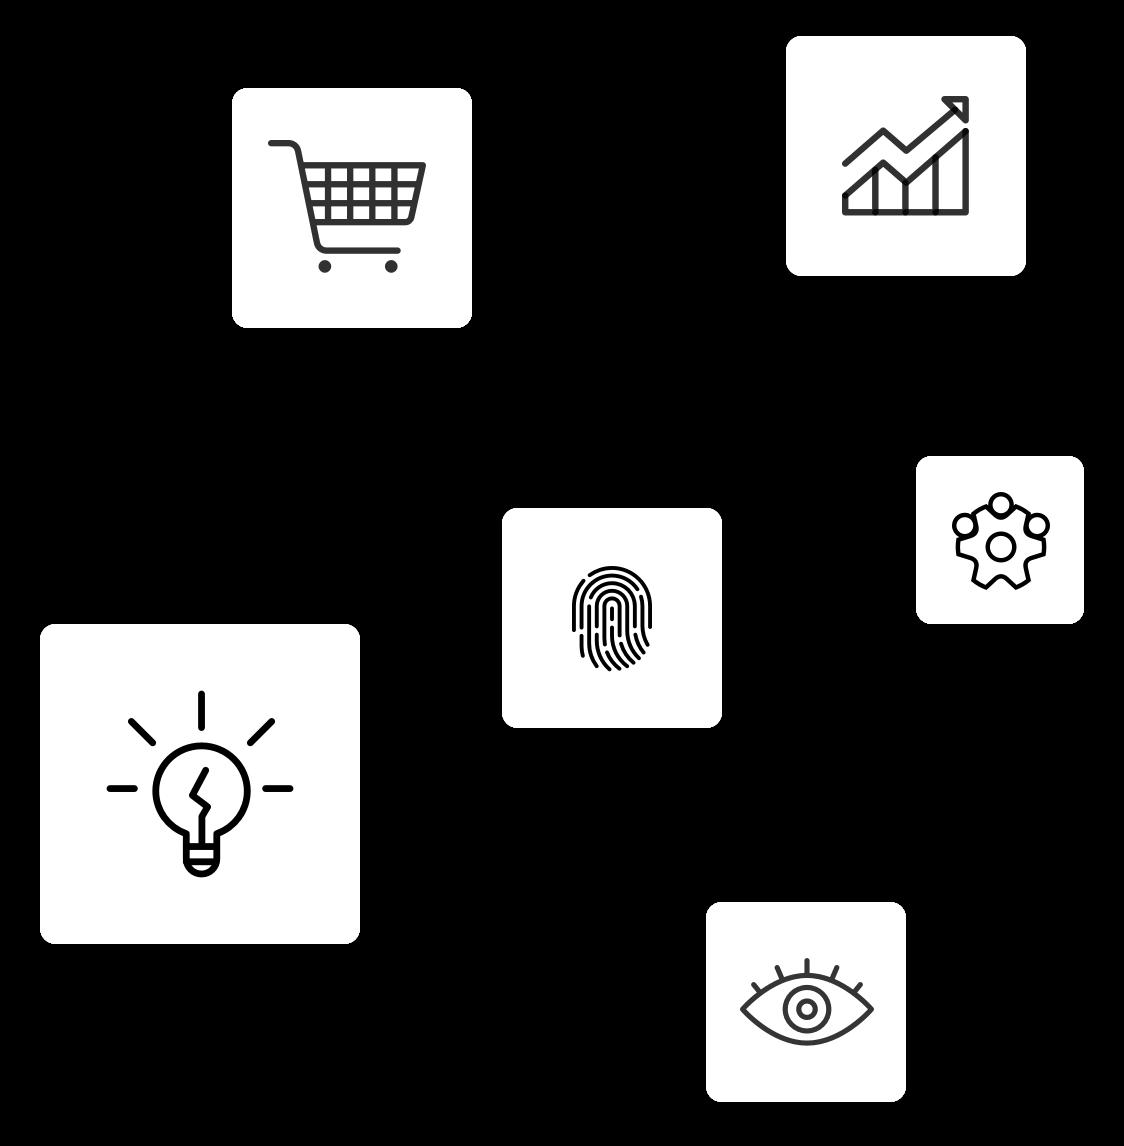 Workshops och utbildningar inom UX, Design Thinking, affärsutveckling och digital transformation